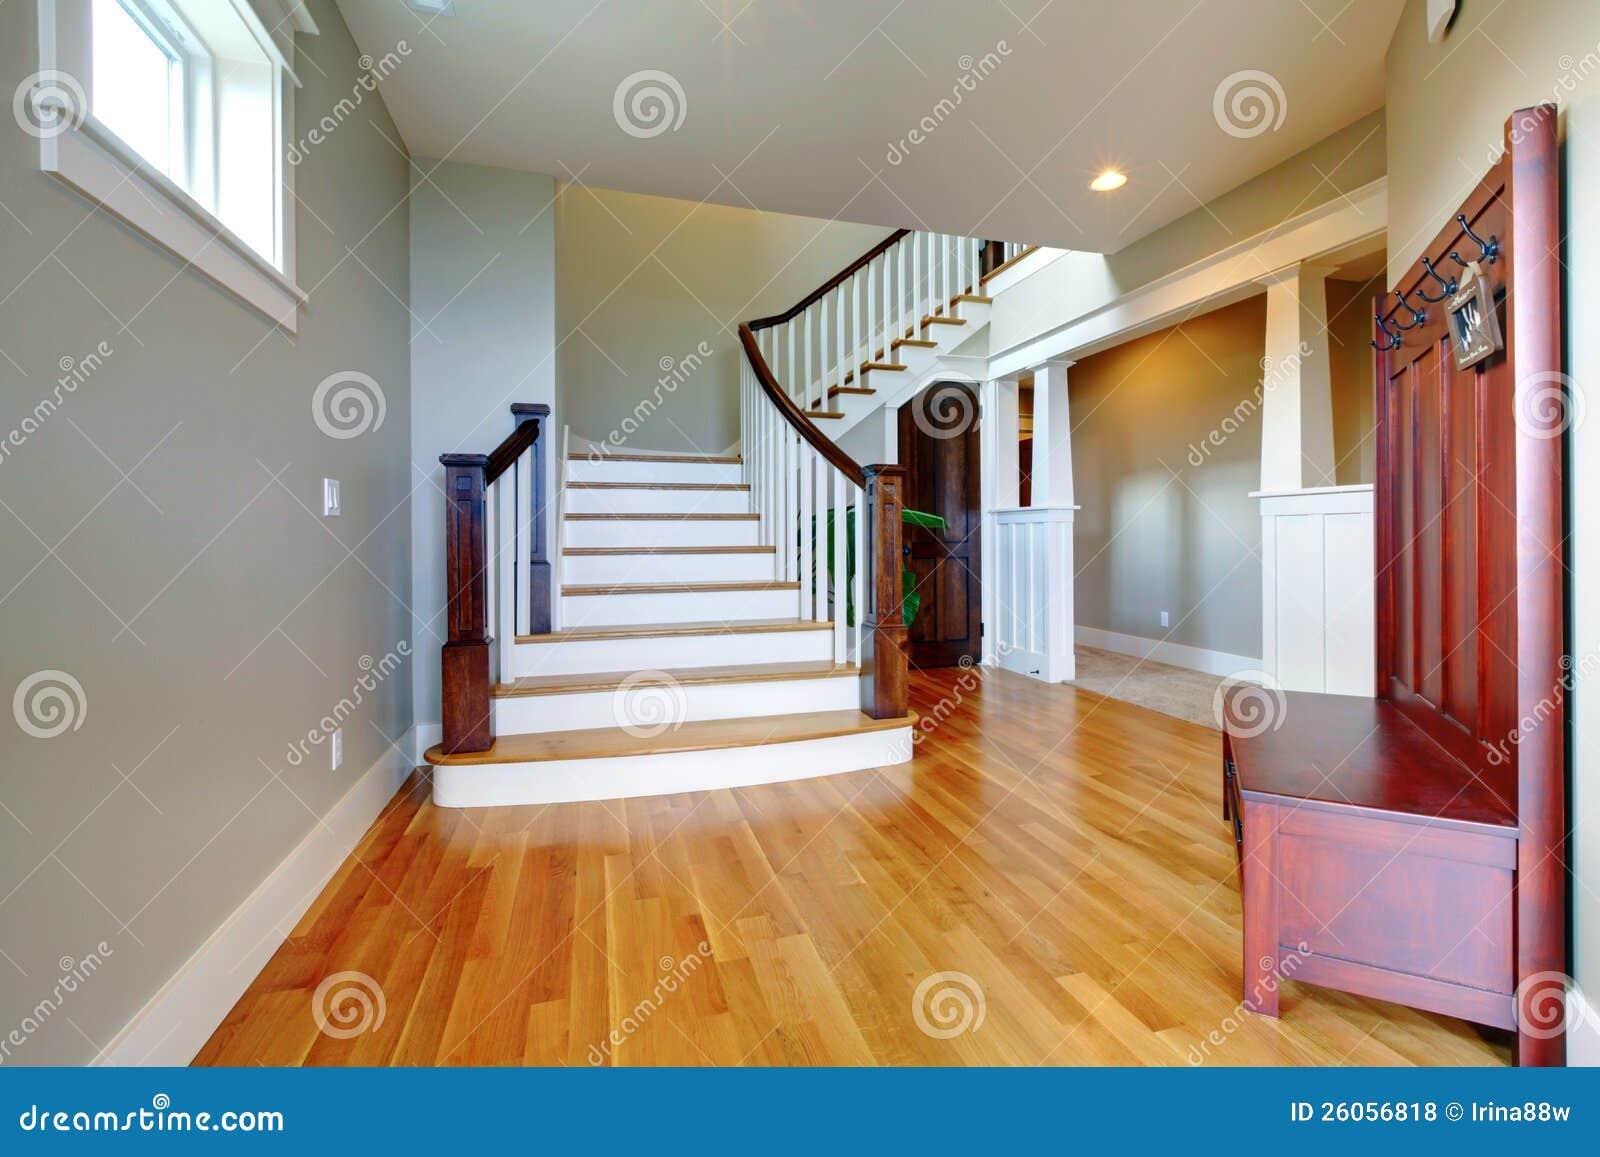 Het huis mooie gang van de luxe royalty vrije stock foto 39 s afbeelding 26056818 - Huis trap ...